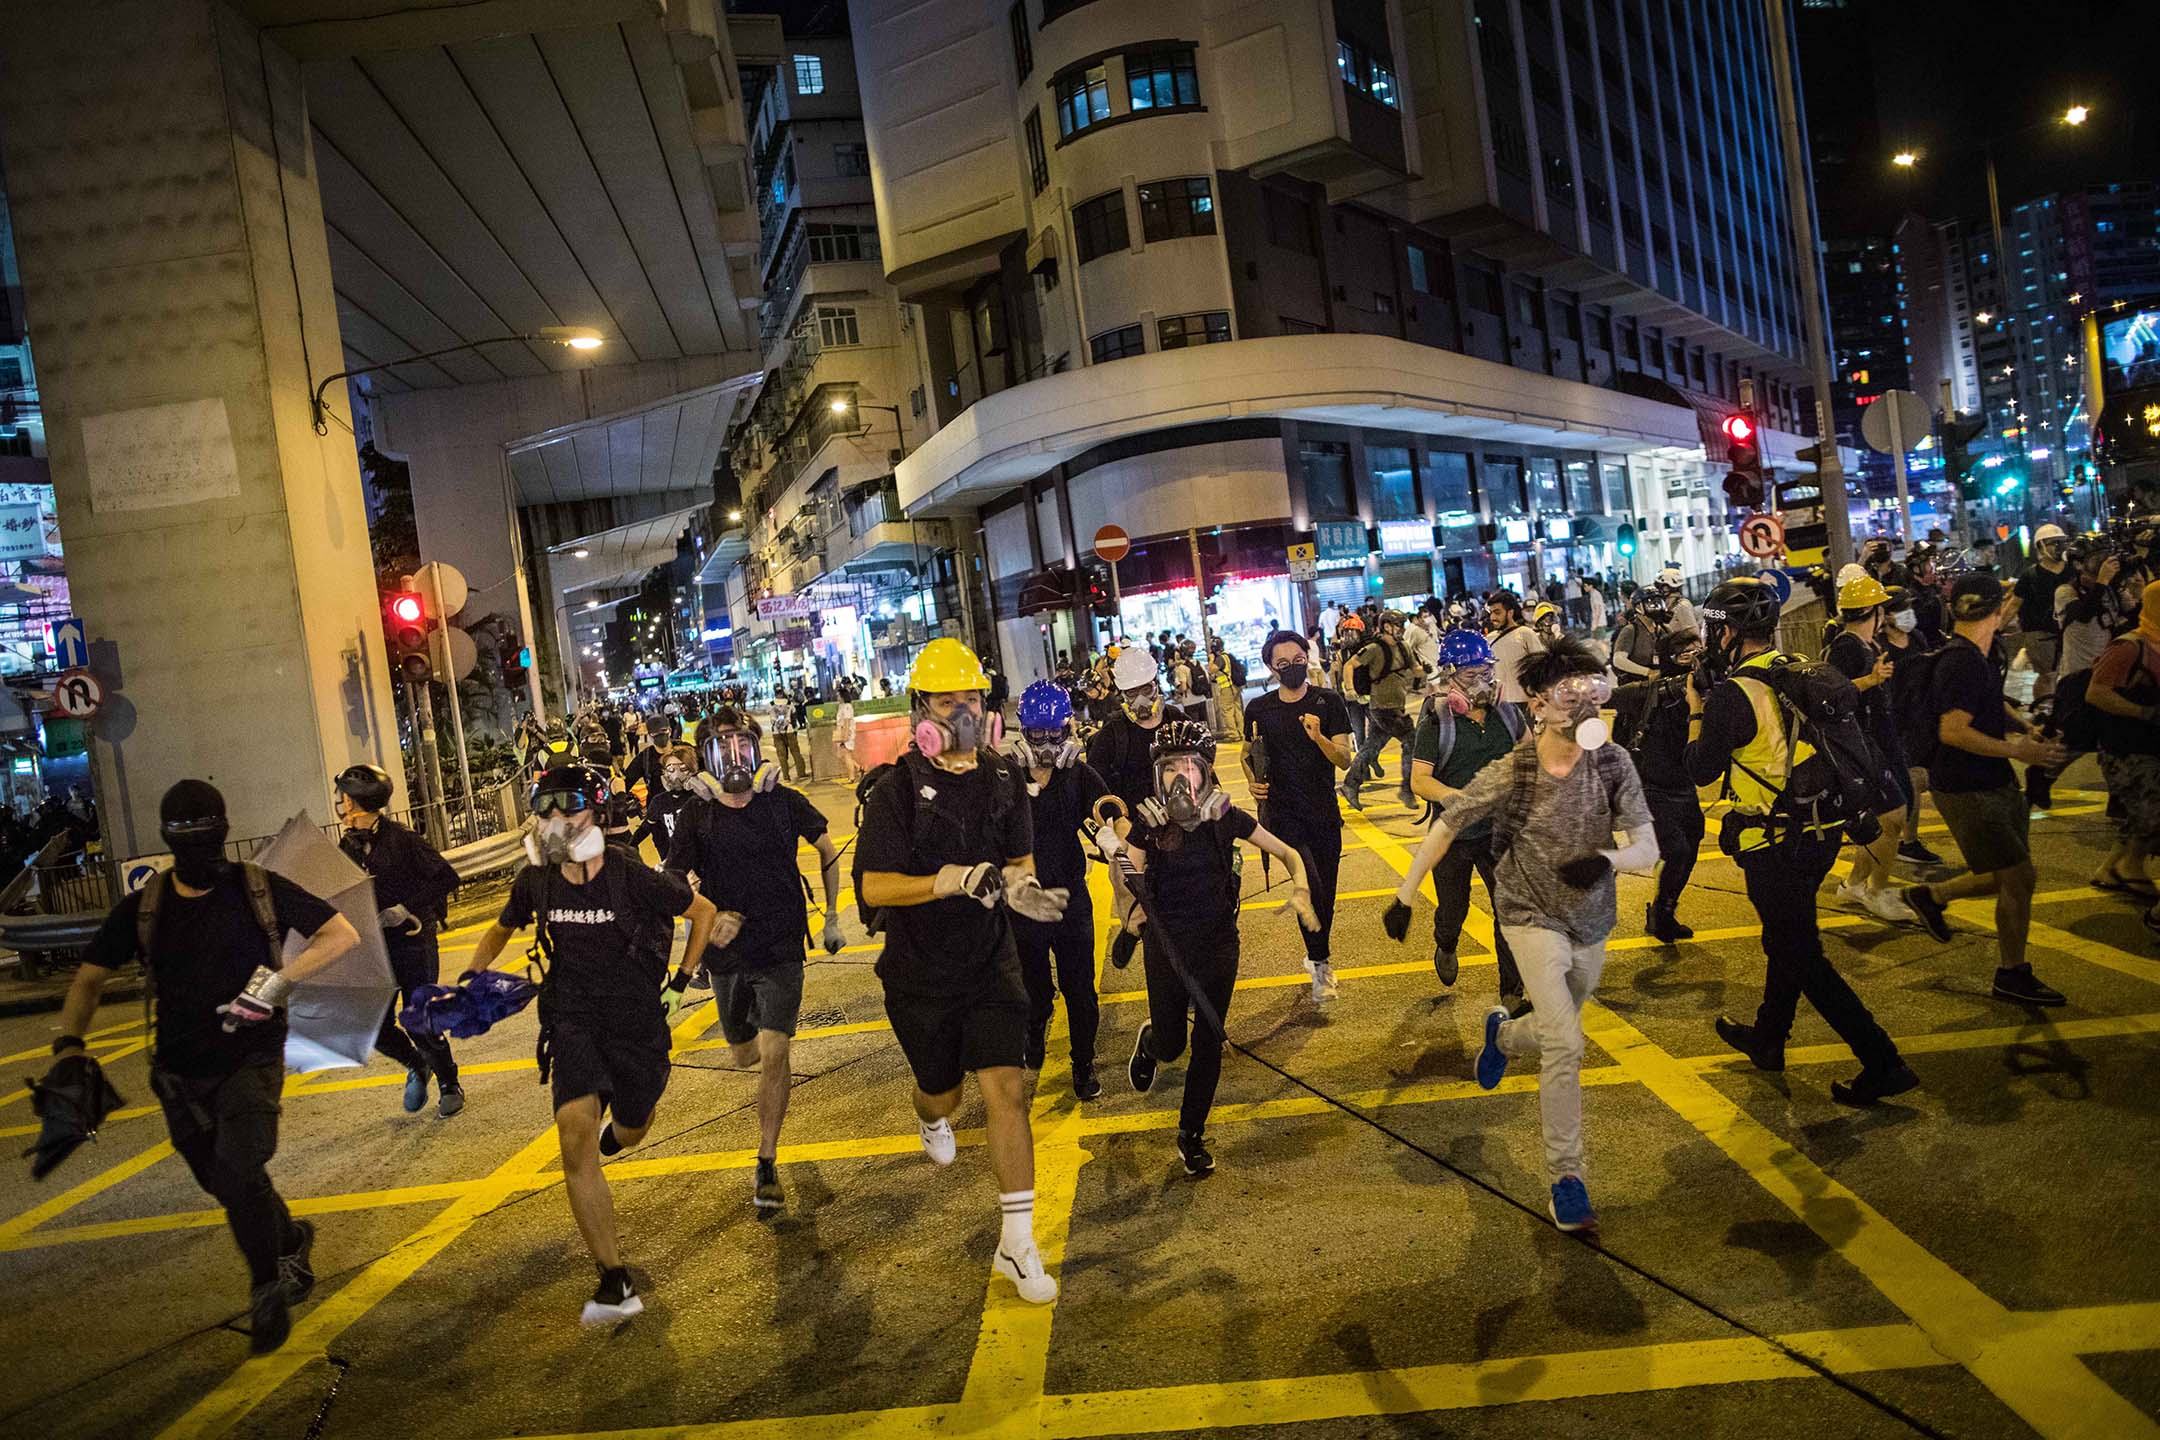 2019年9月2日晚上,一班示威者包圍旺角警局,抗議日前太子地鐡站內警方的暴力拘捕行動。示威者見速龍小組出動,在太子的馬路上逃跑。 攝:陳焯煇/端傳媒